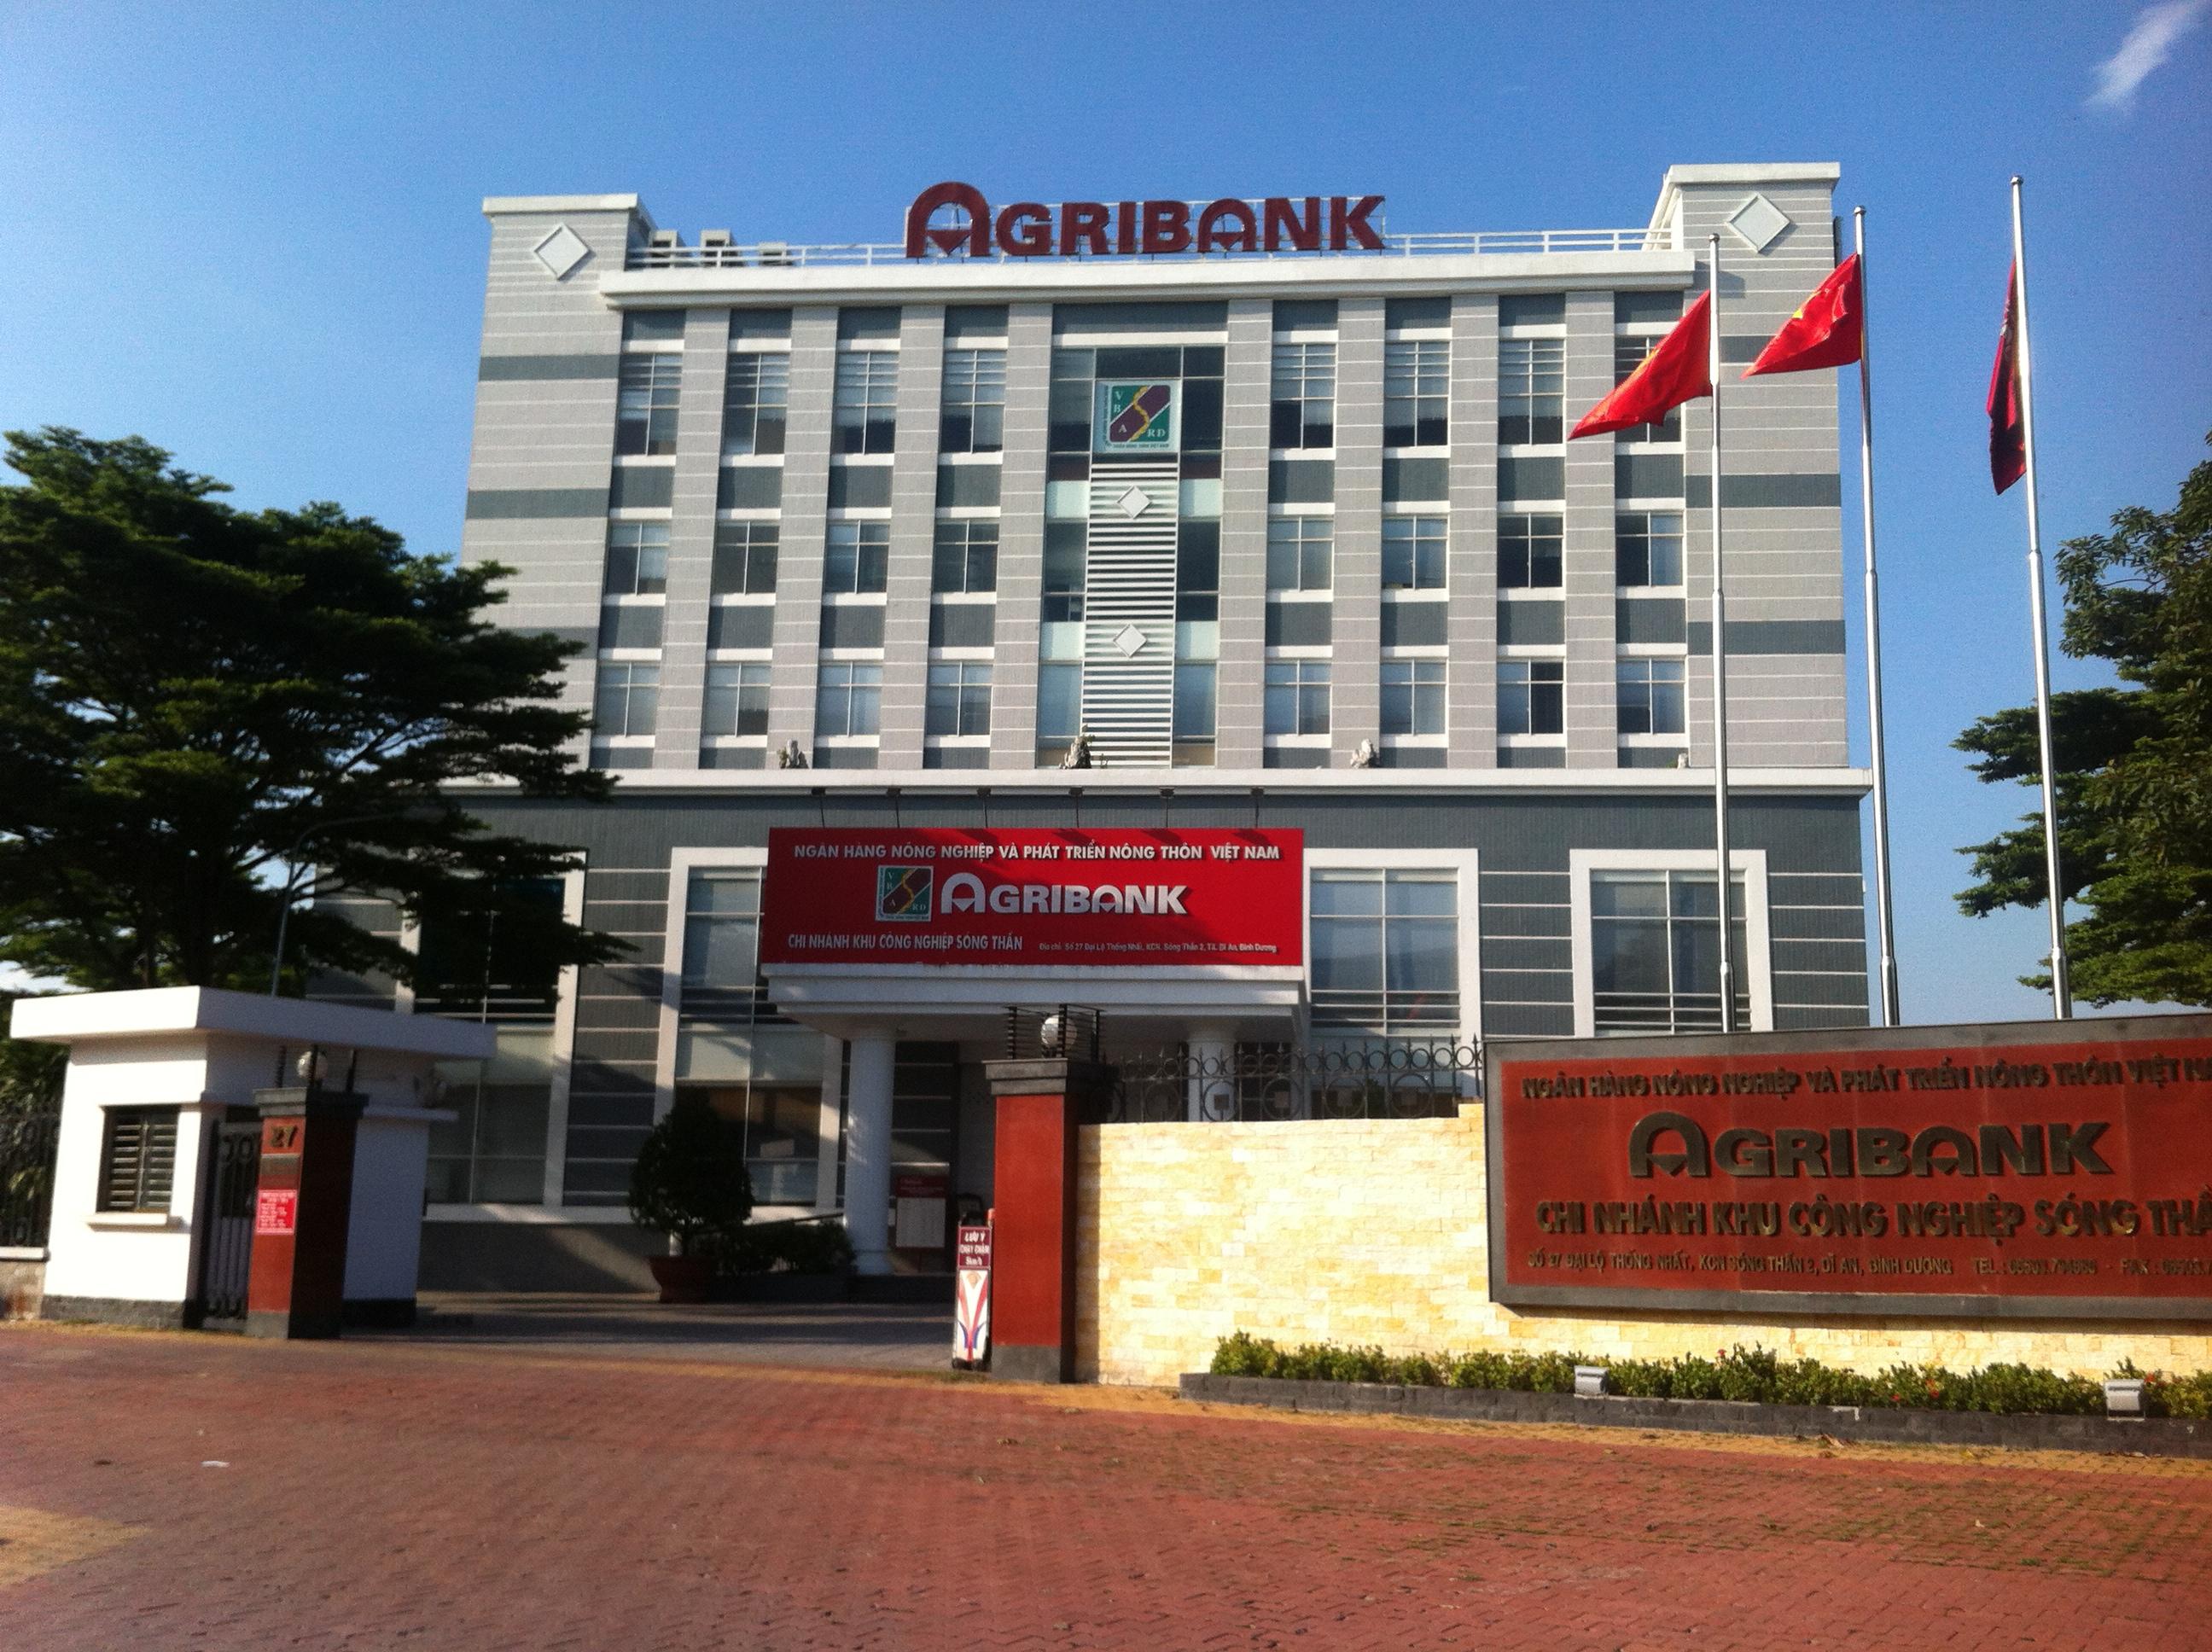 bán nhà 125m2, tại trung tâm hành chính thị xã dĩ an, gần ngân hàng AGRIBANK